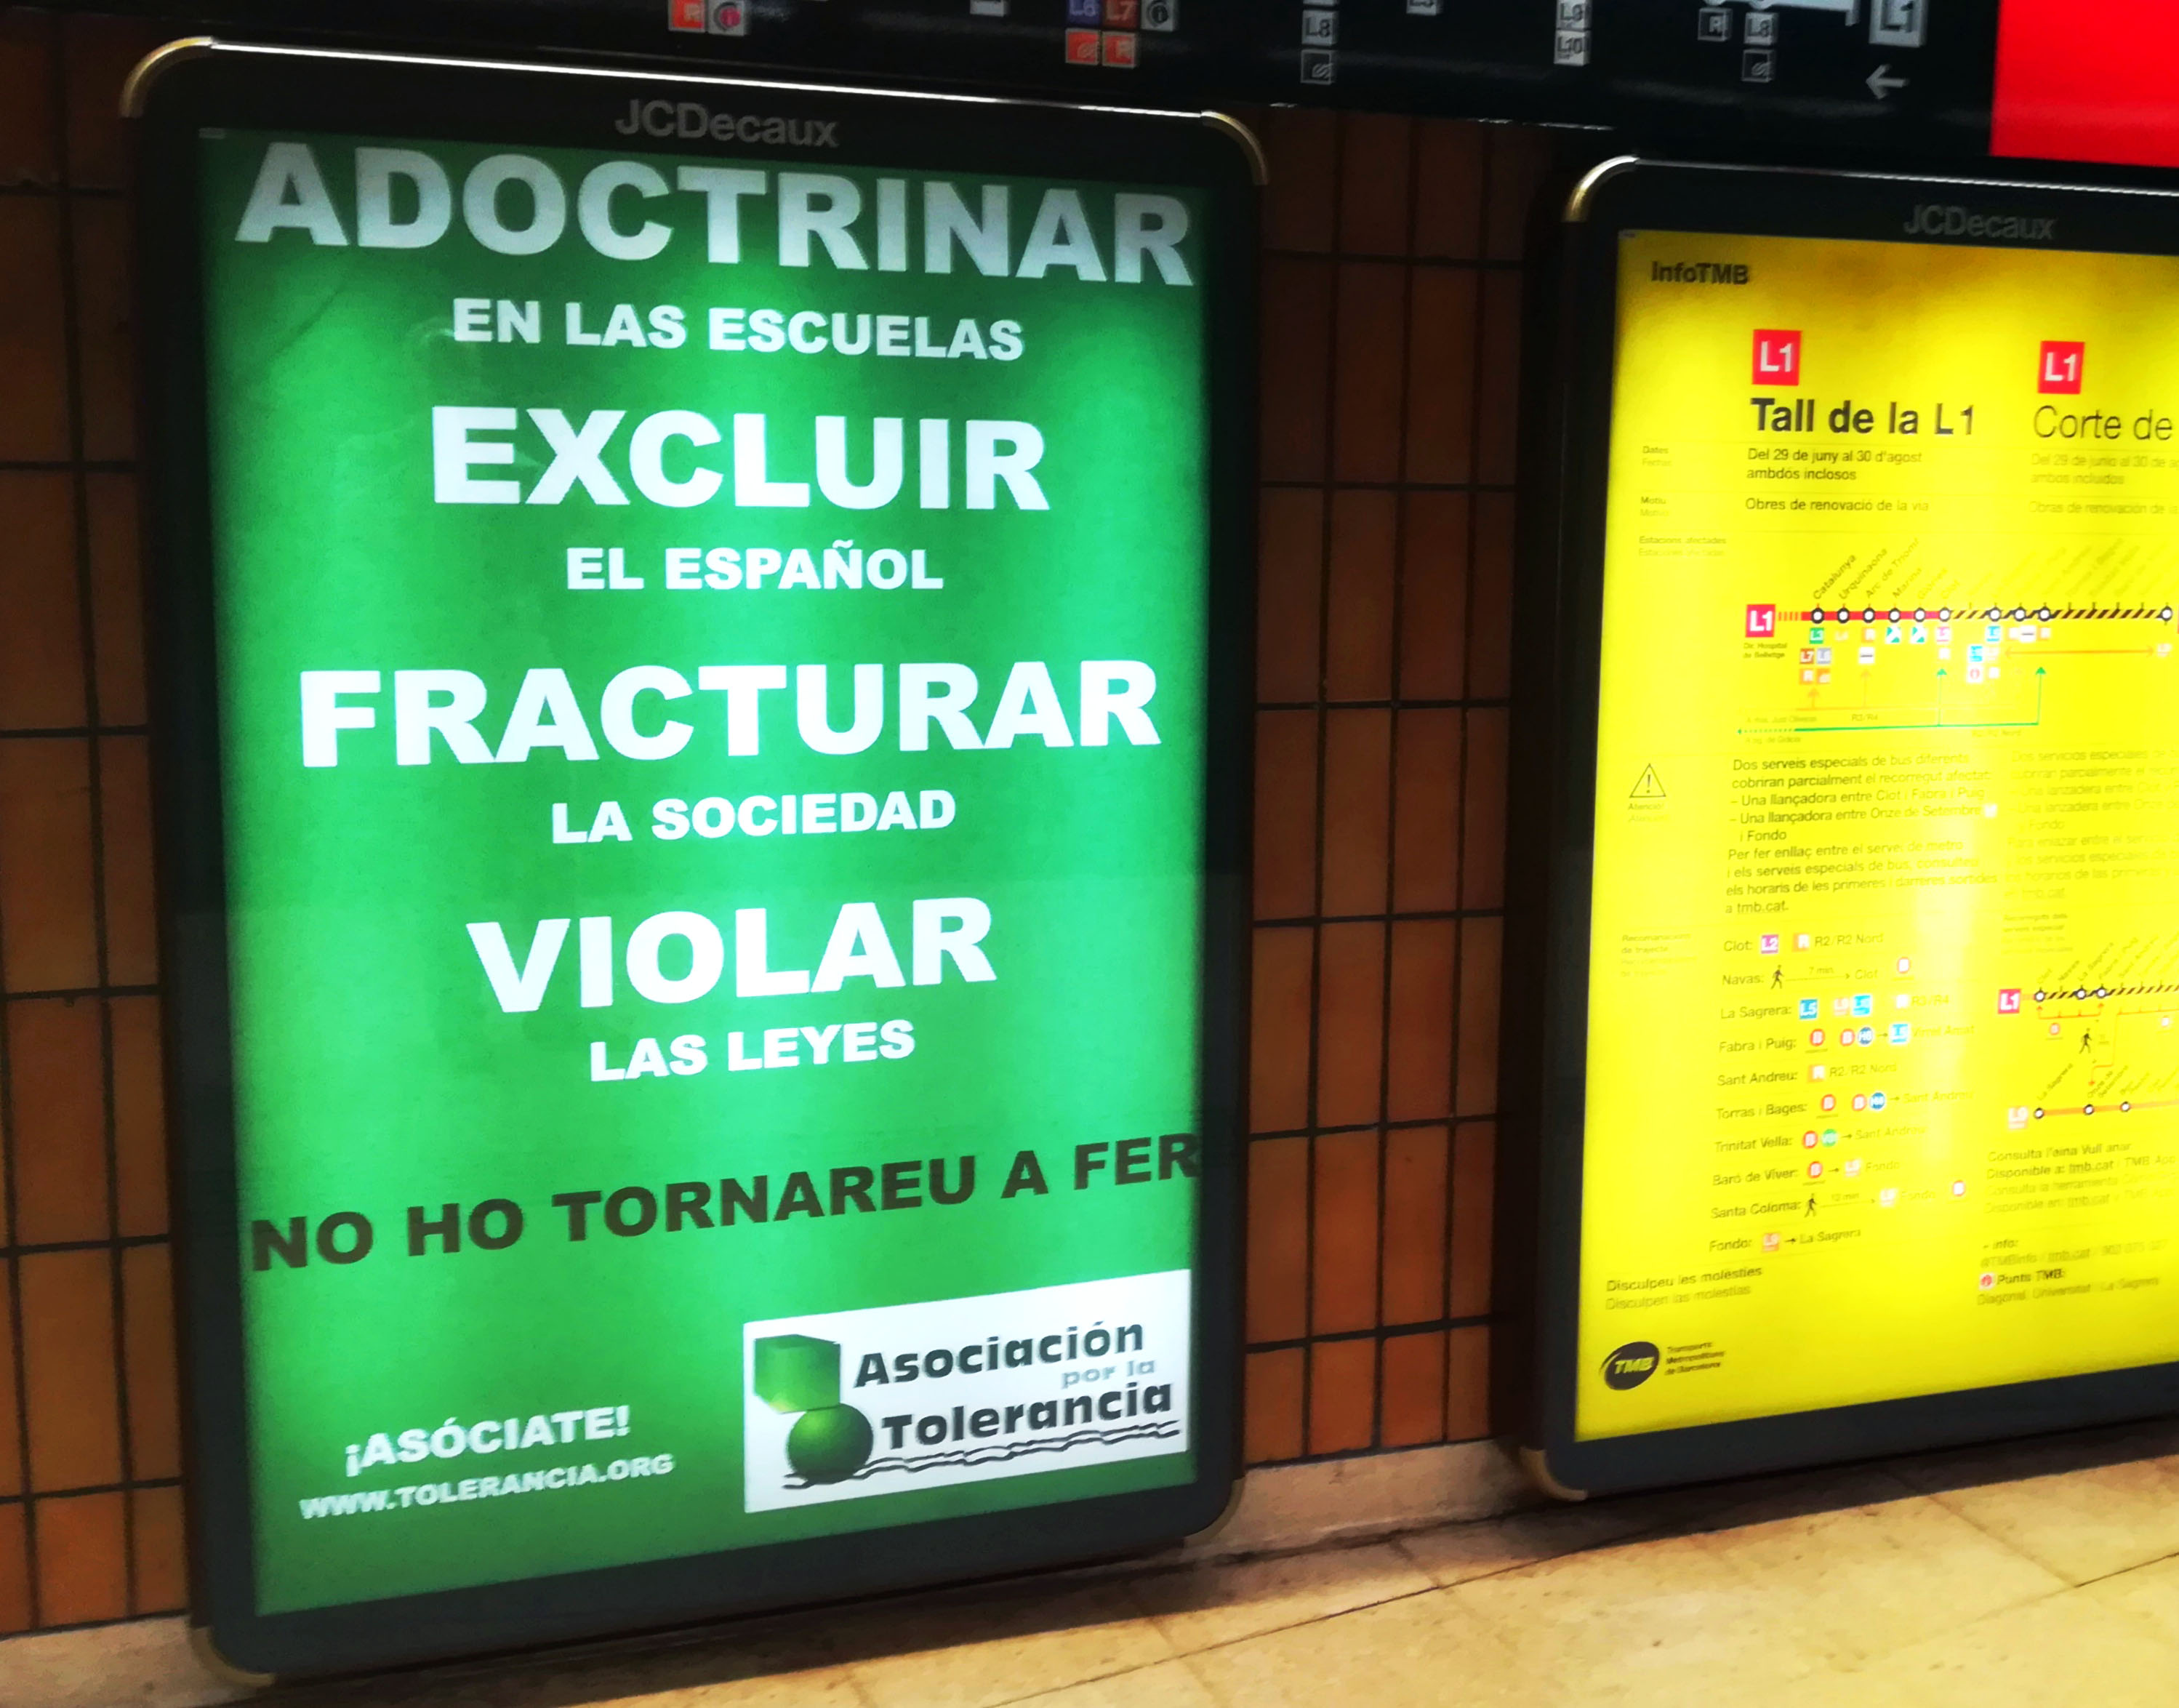 LOS AVATARES DE LA CAMPAÑA 'NO HO TORNAREU A FER'